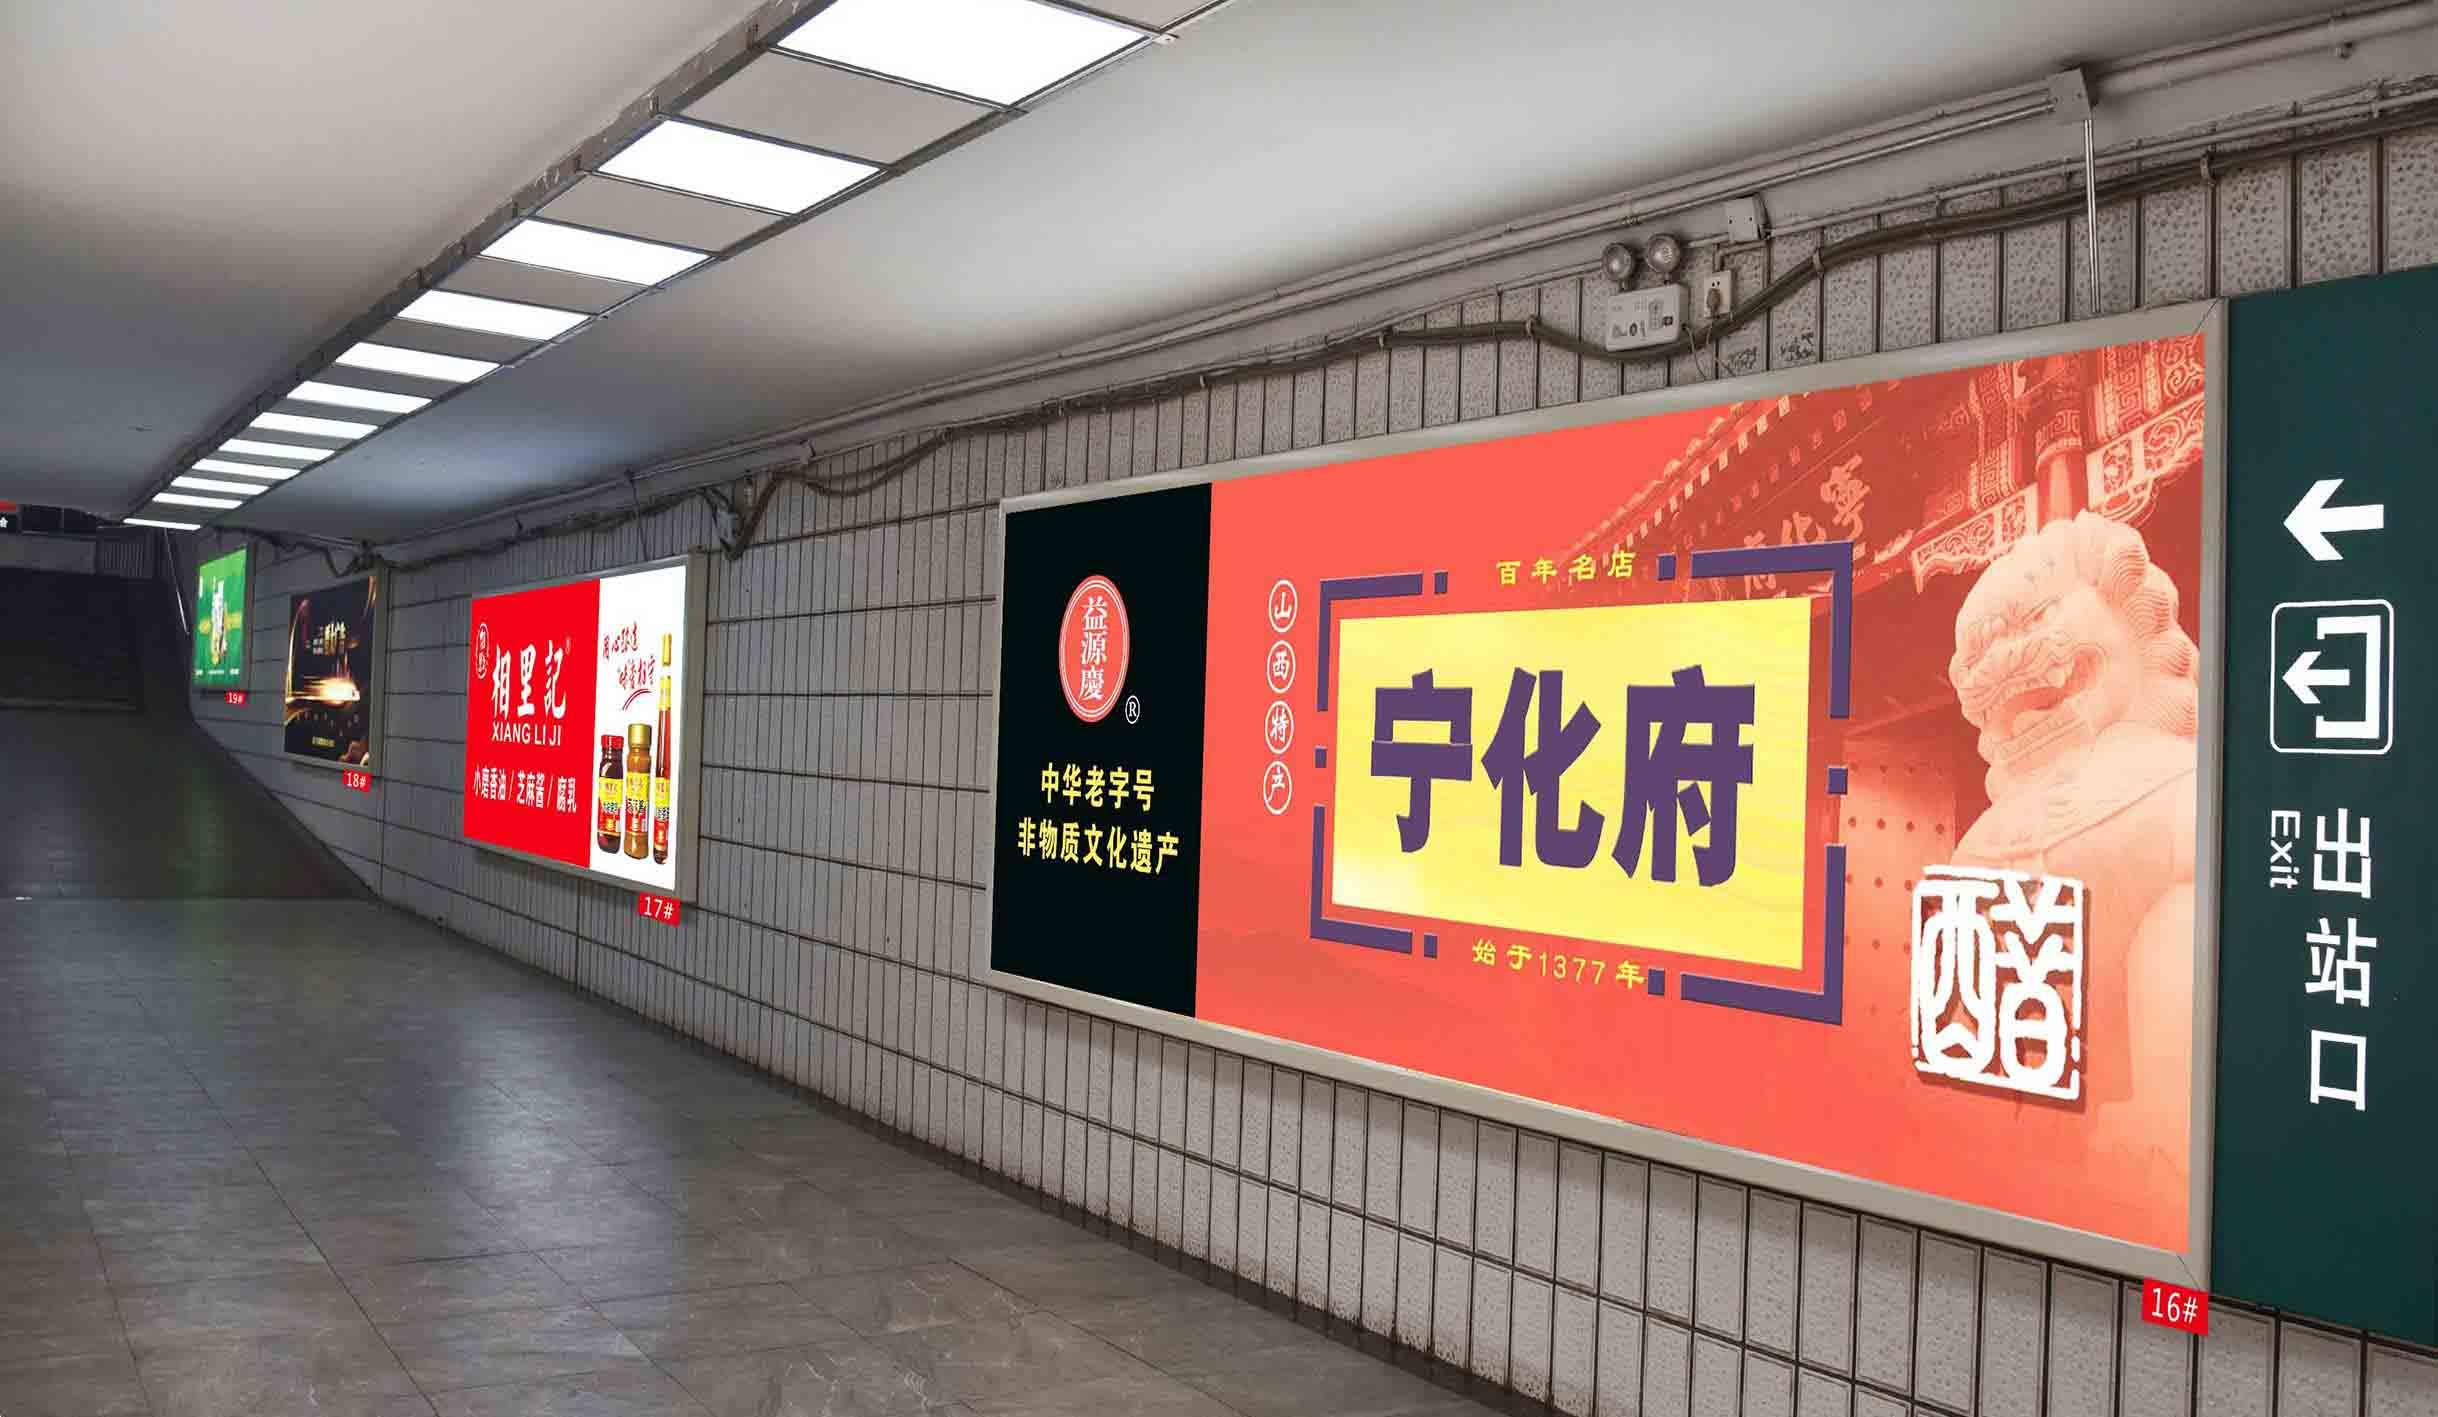 临汾火车站进出站地下通道灯箱广告11#12#13#14#